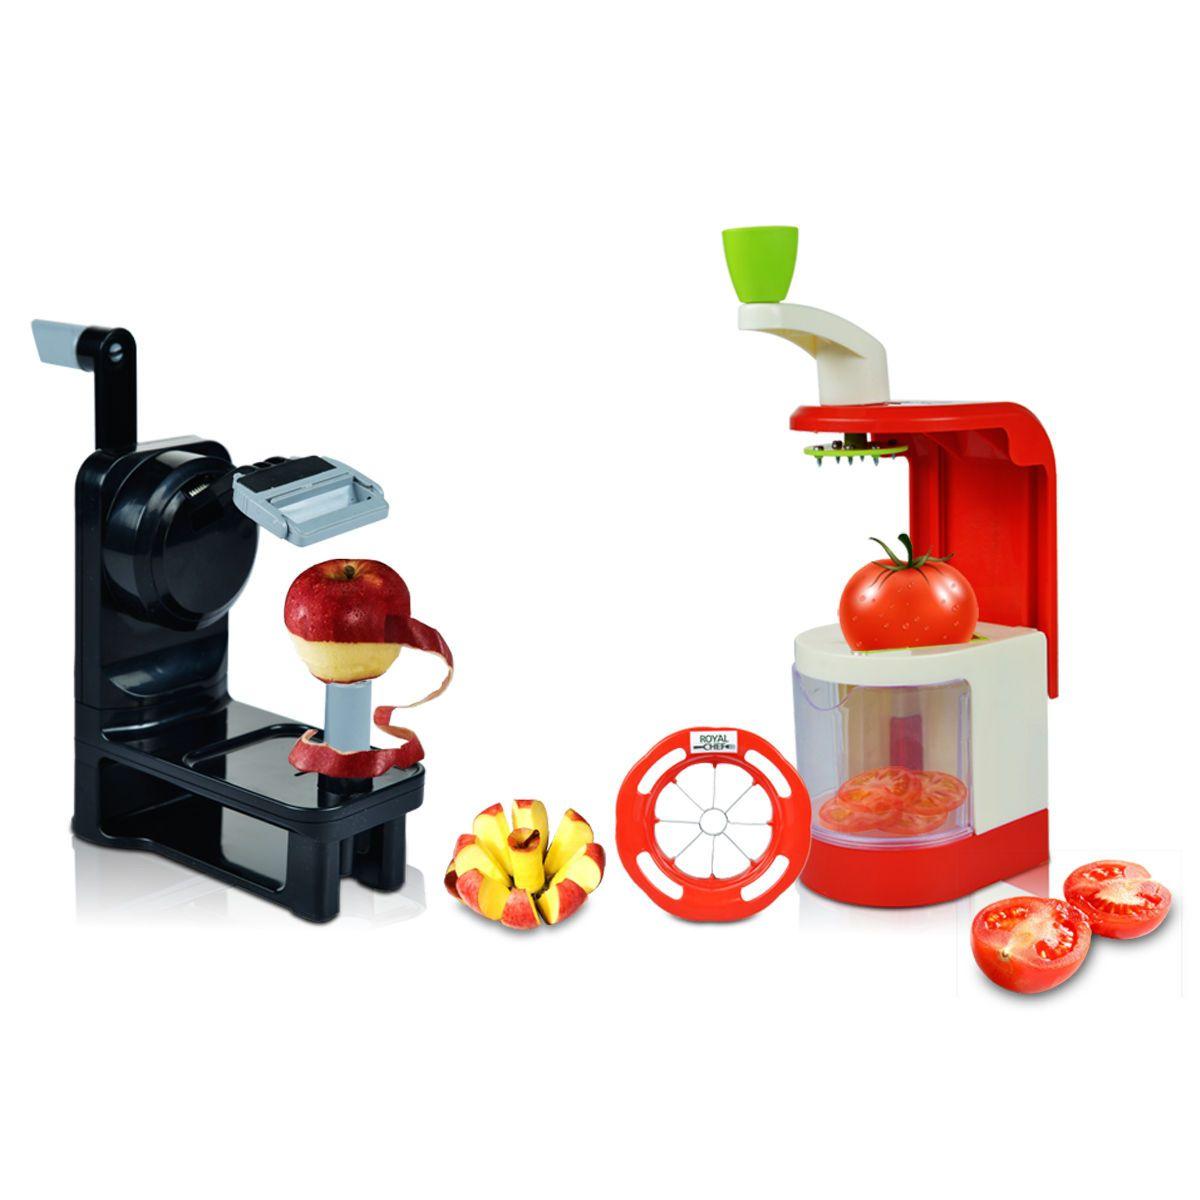 Kitchen Combo - 3 in 1 Shredder, Fruit Peeler & Apple Cutter - Unnati Enterprises